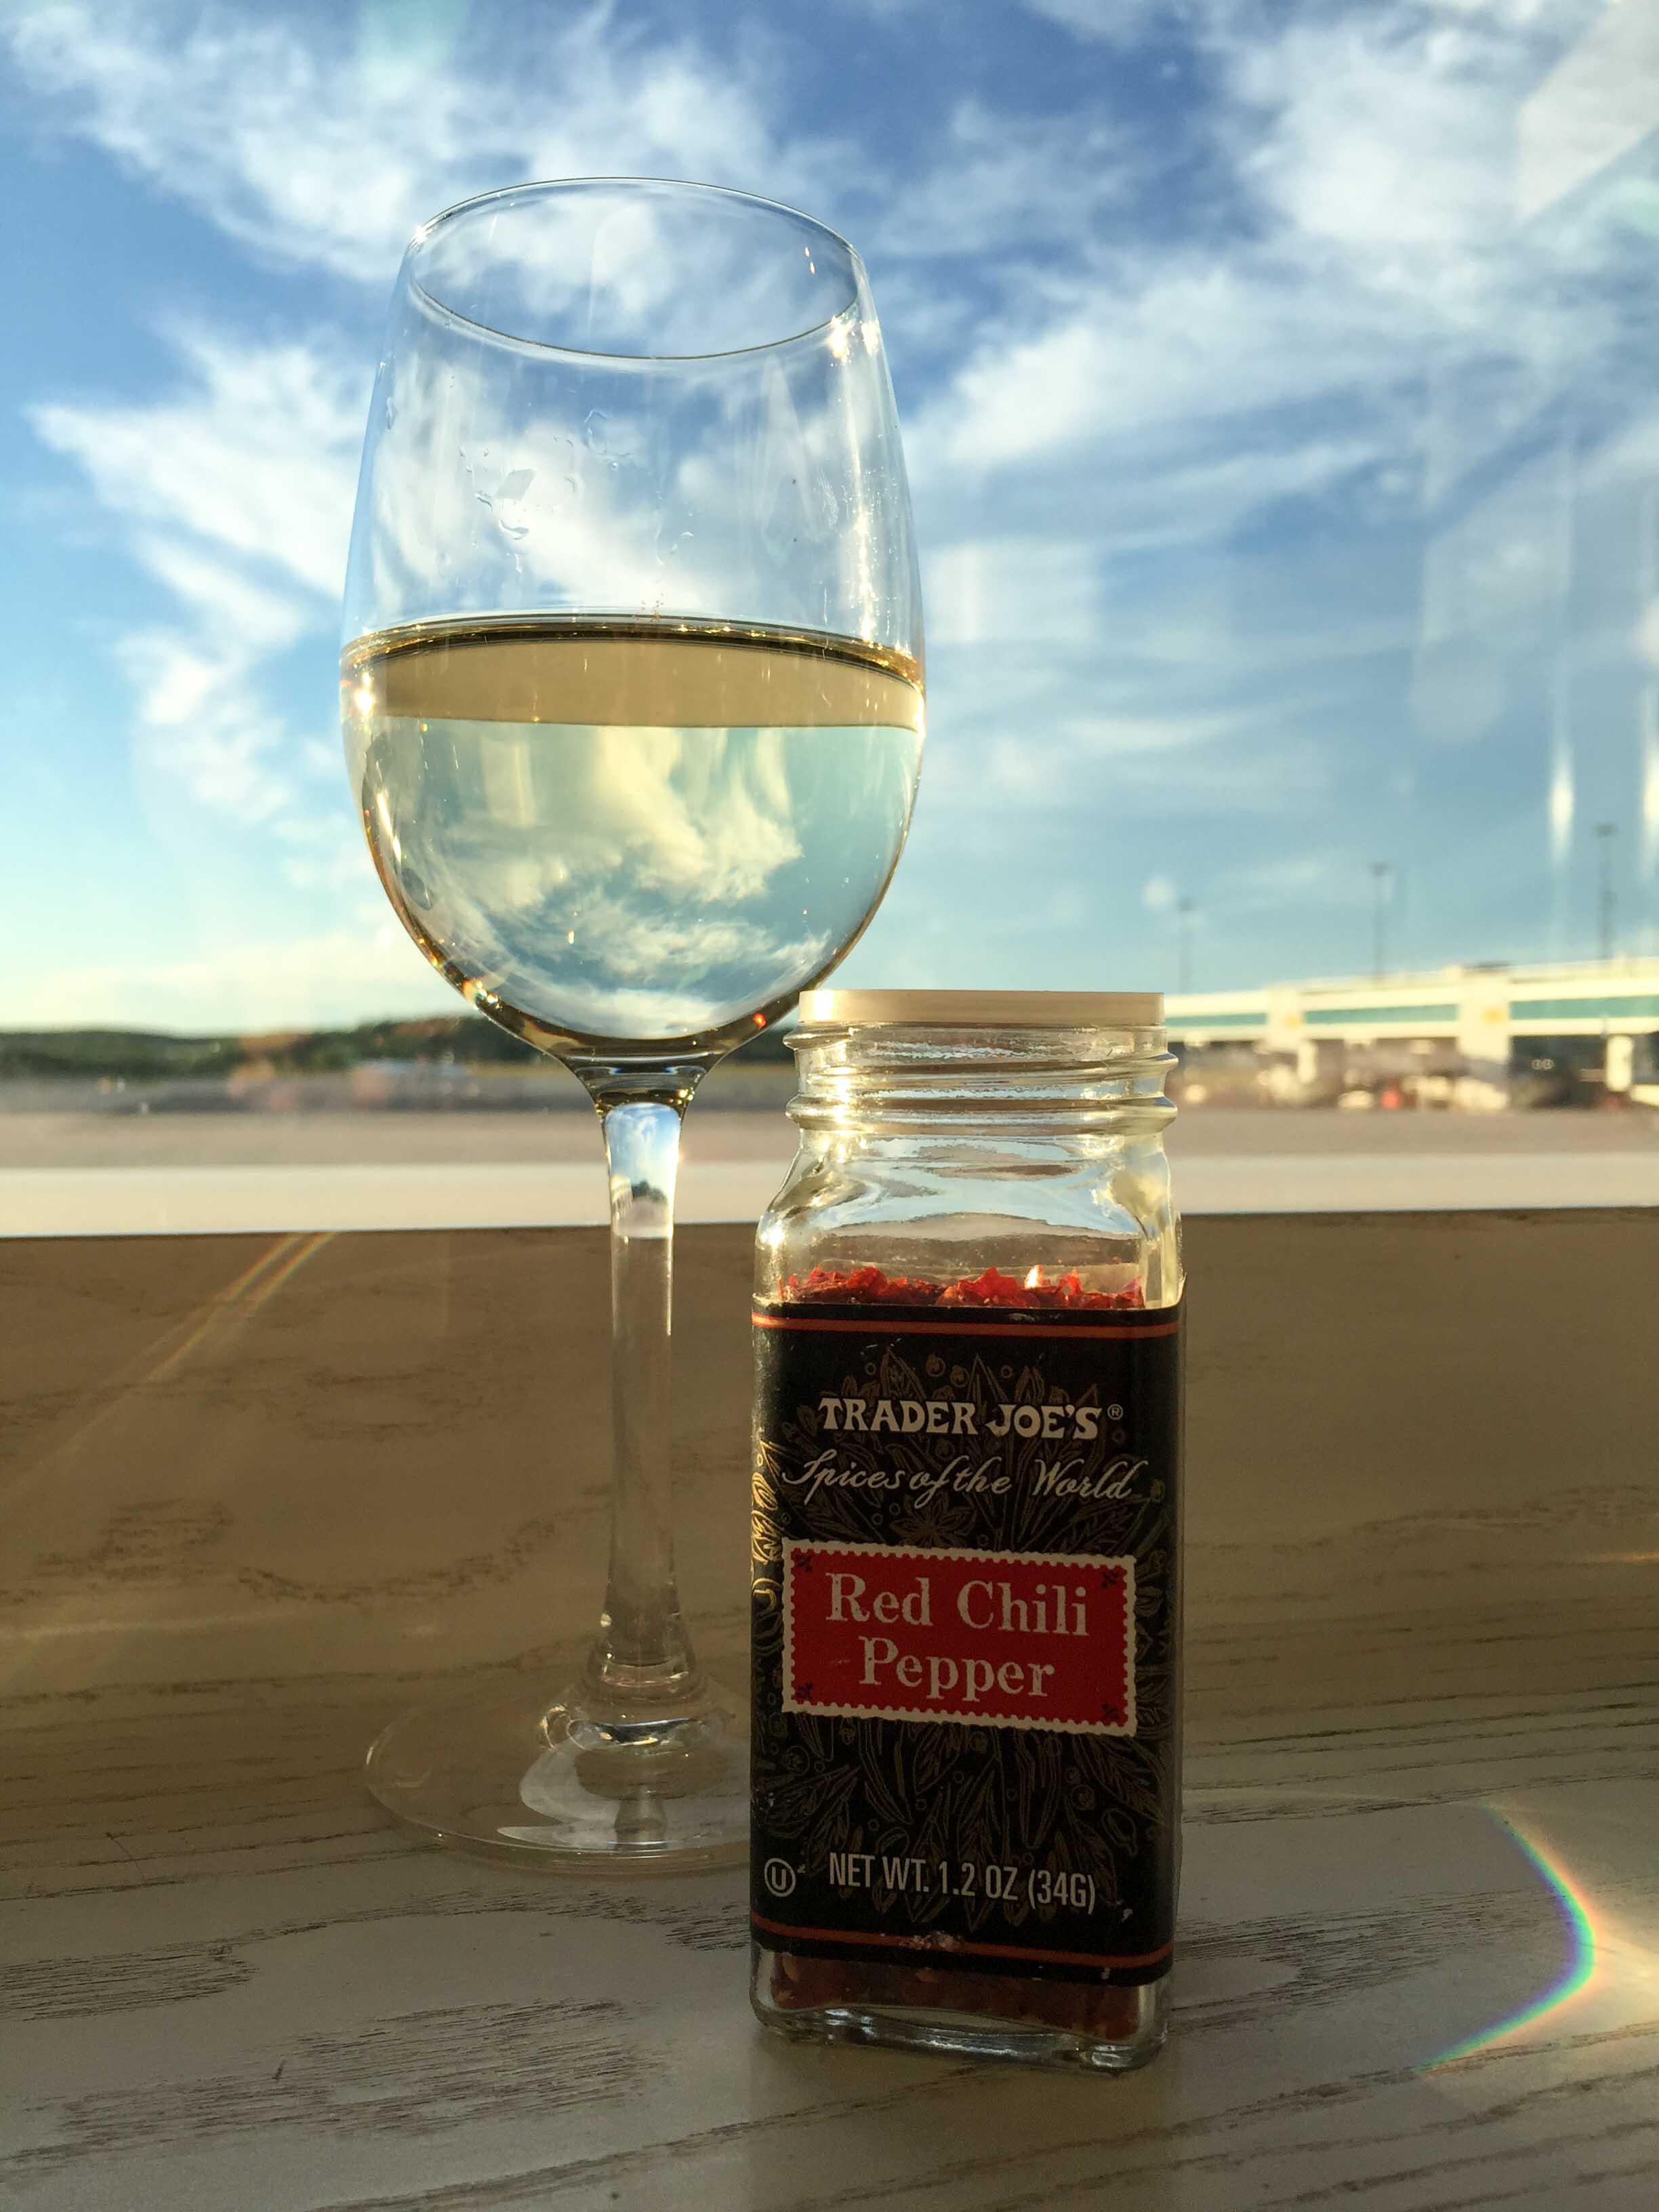 Weinglas am Flugenhafen